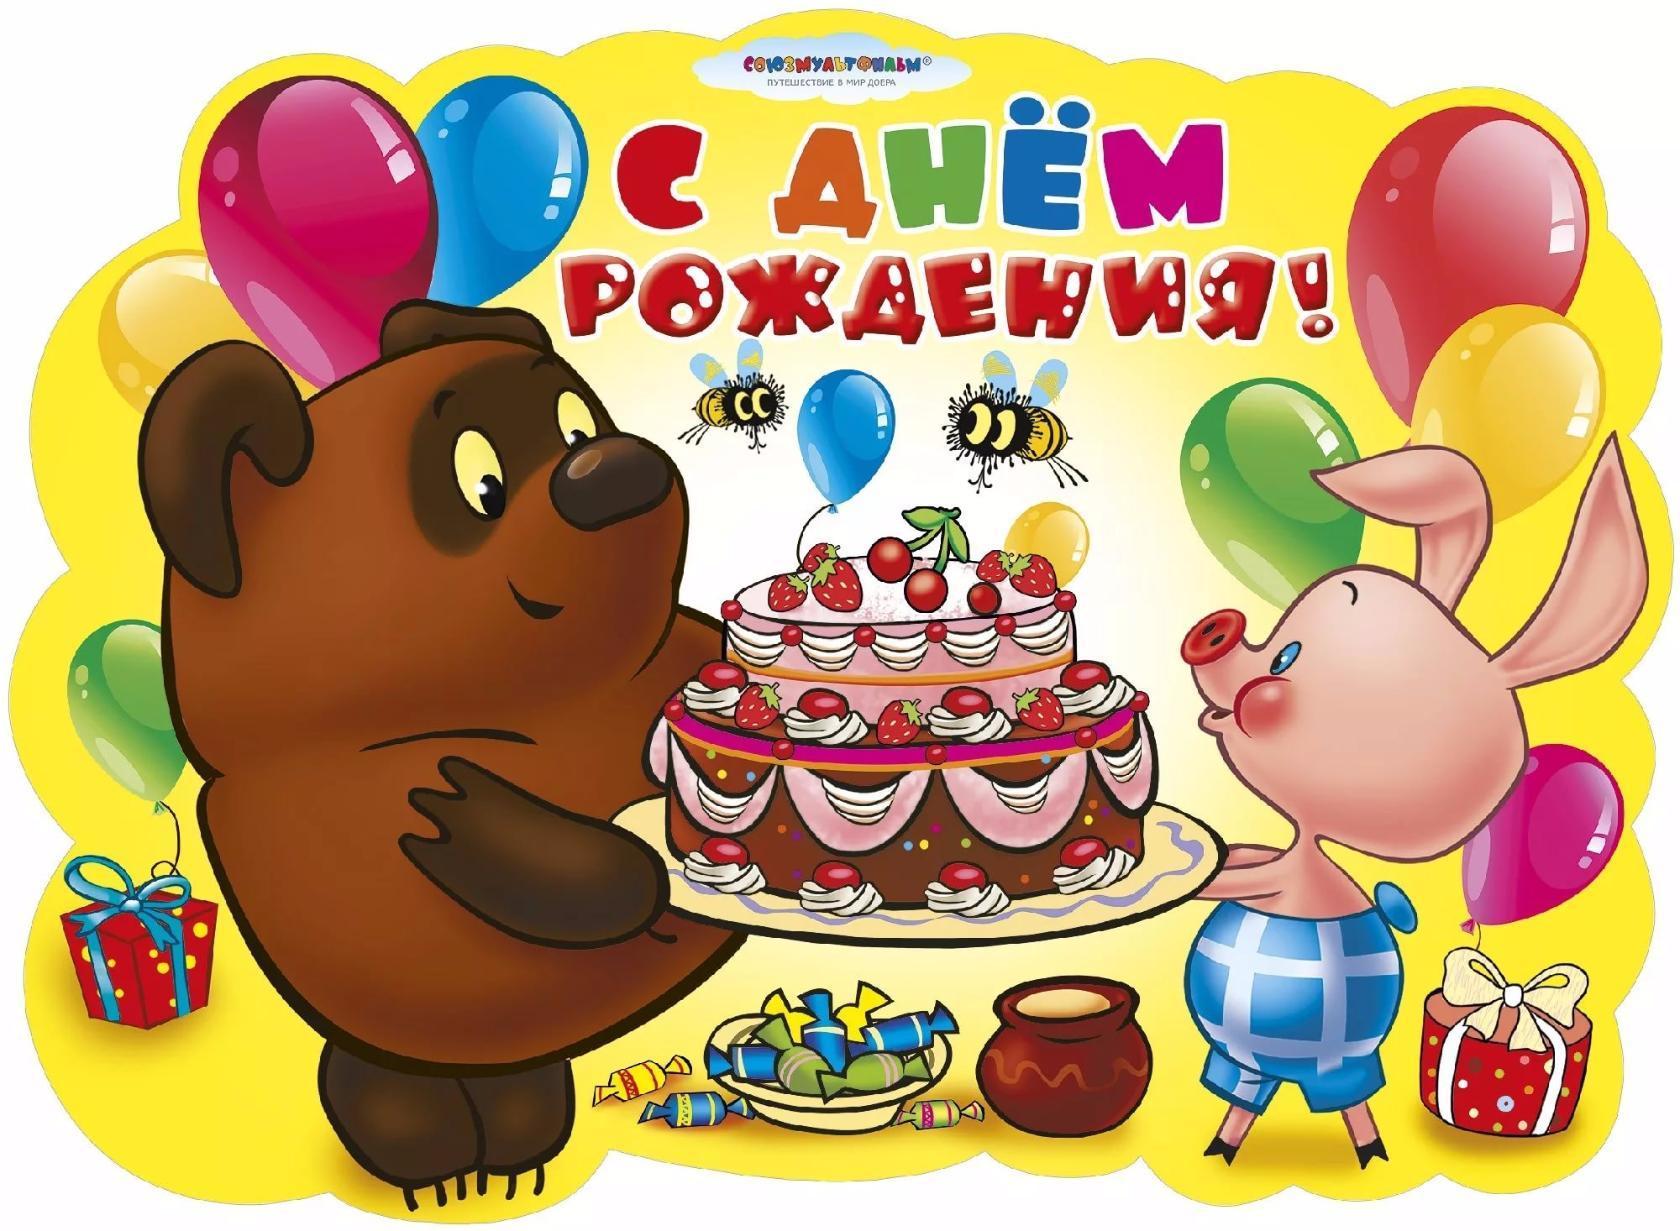 Поздравление персонажей к дню рождения